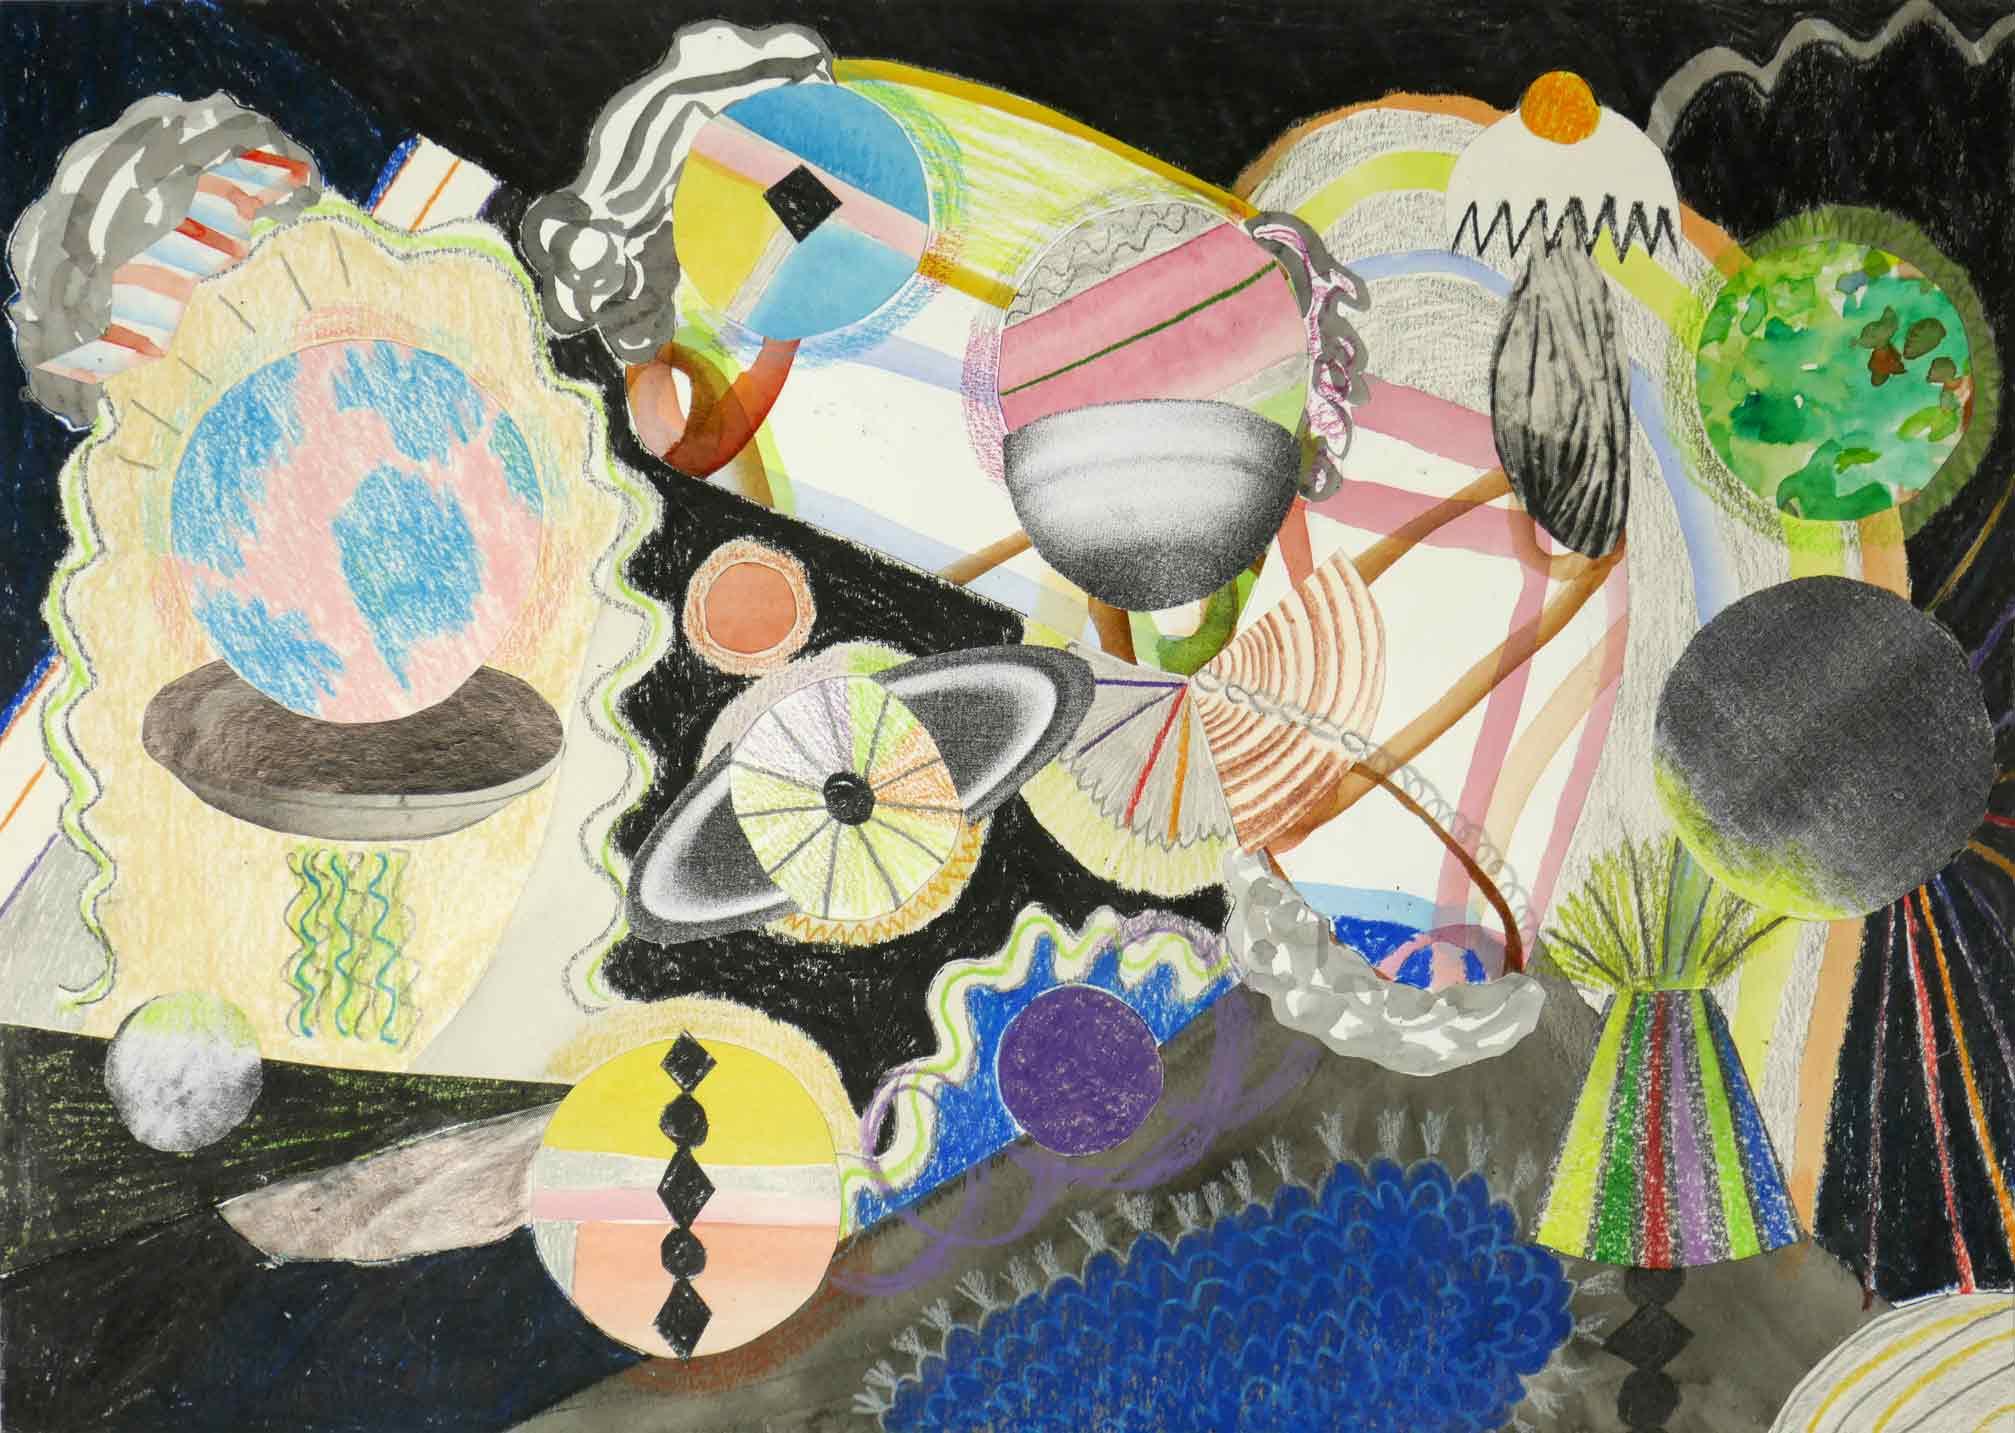 Uit de serie  Boulettes  collage; inkt, potlood, fotokopieën, aquarel 21 x 29 cm, 2018